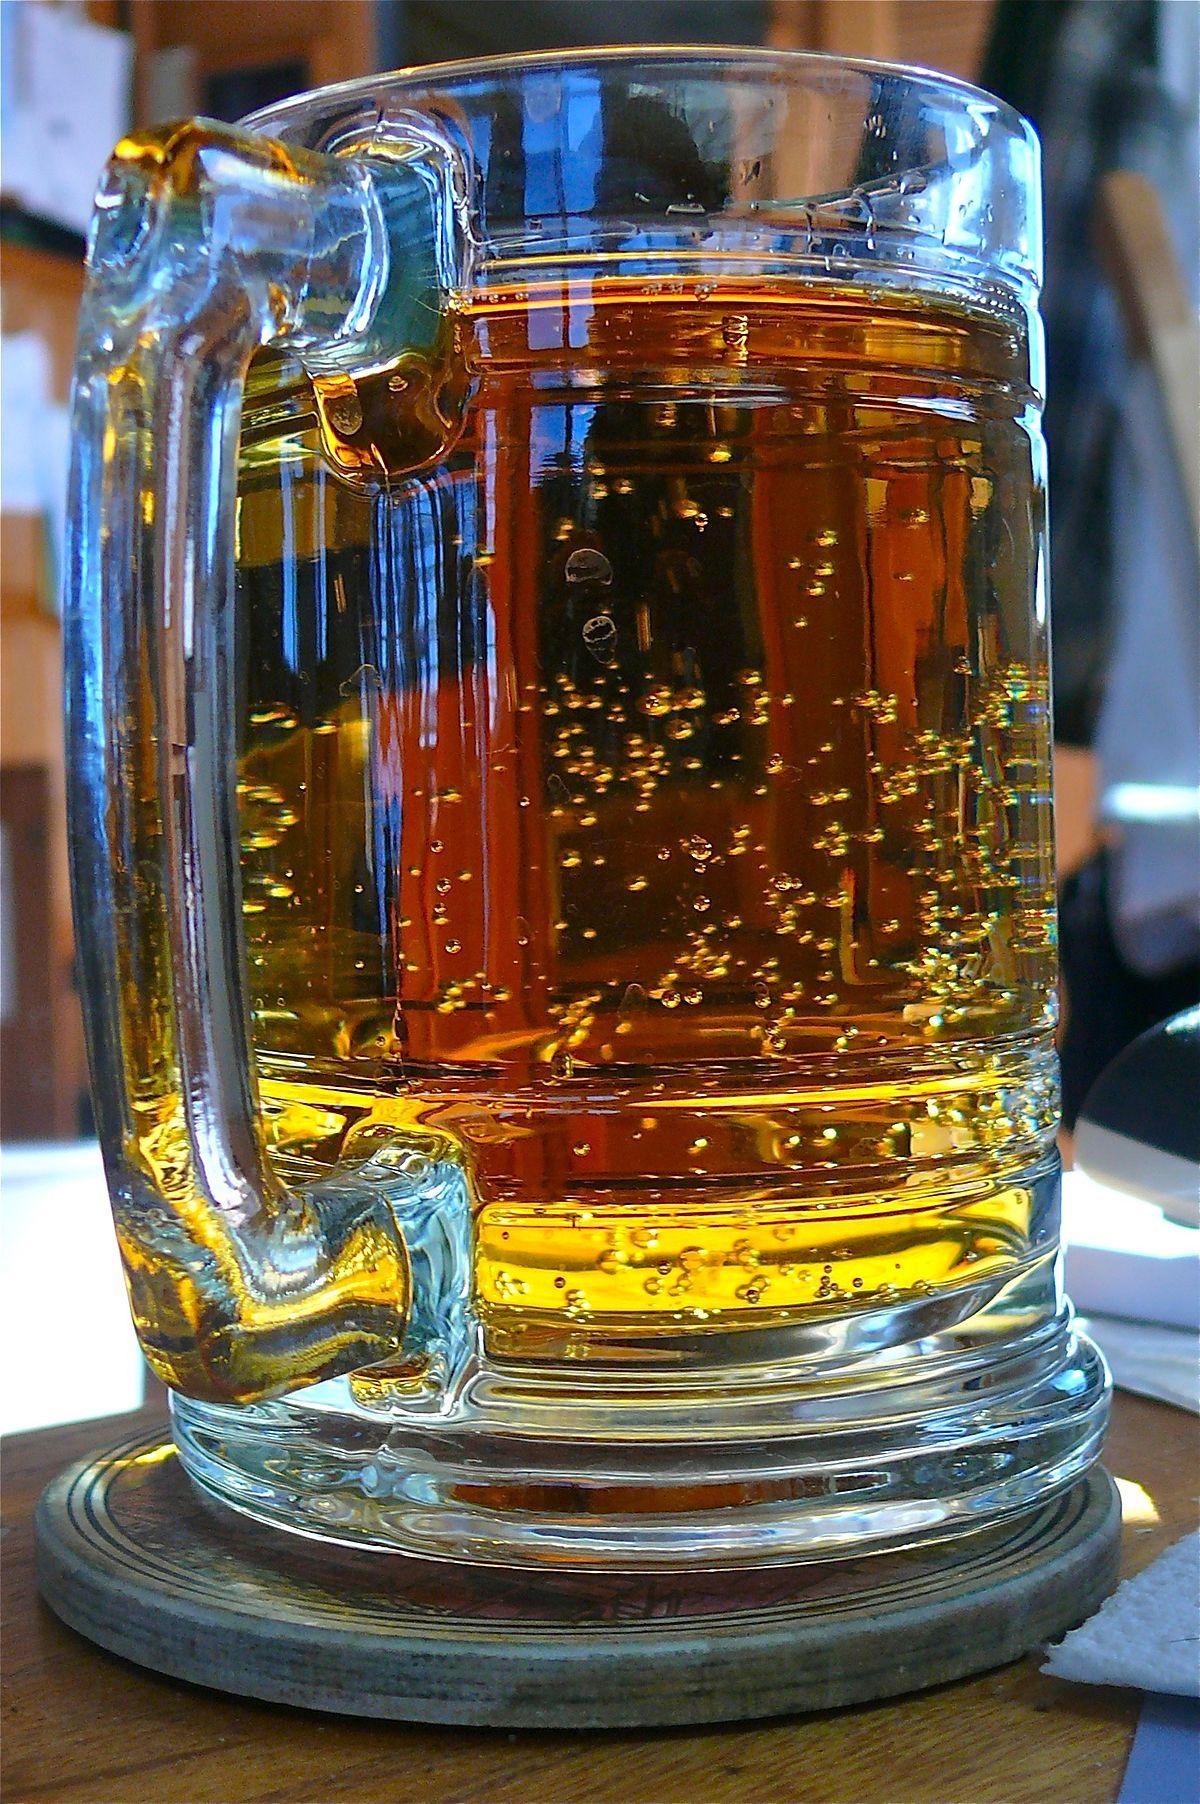 Ginger ale. Ginger ale at home 19